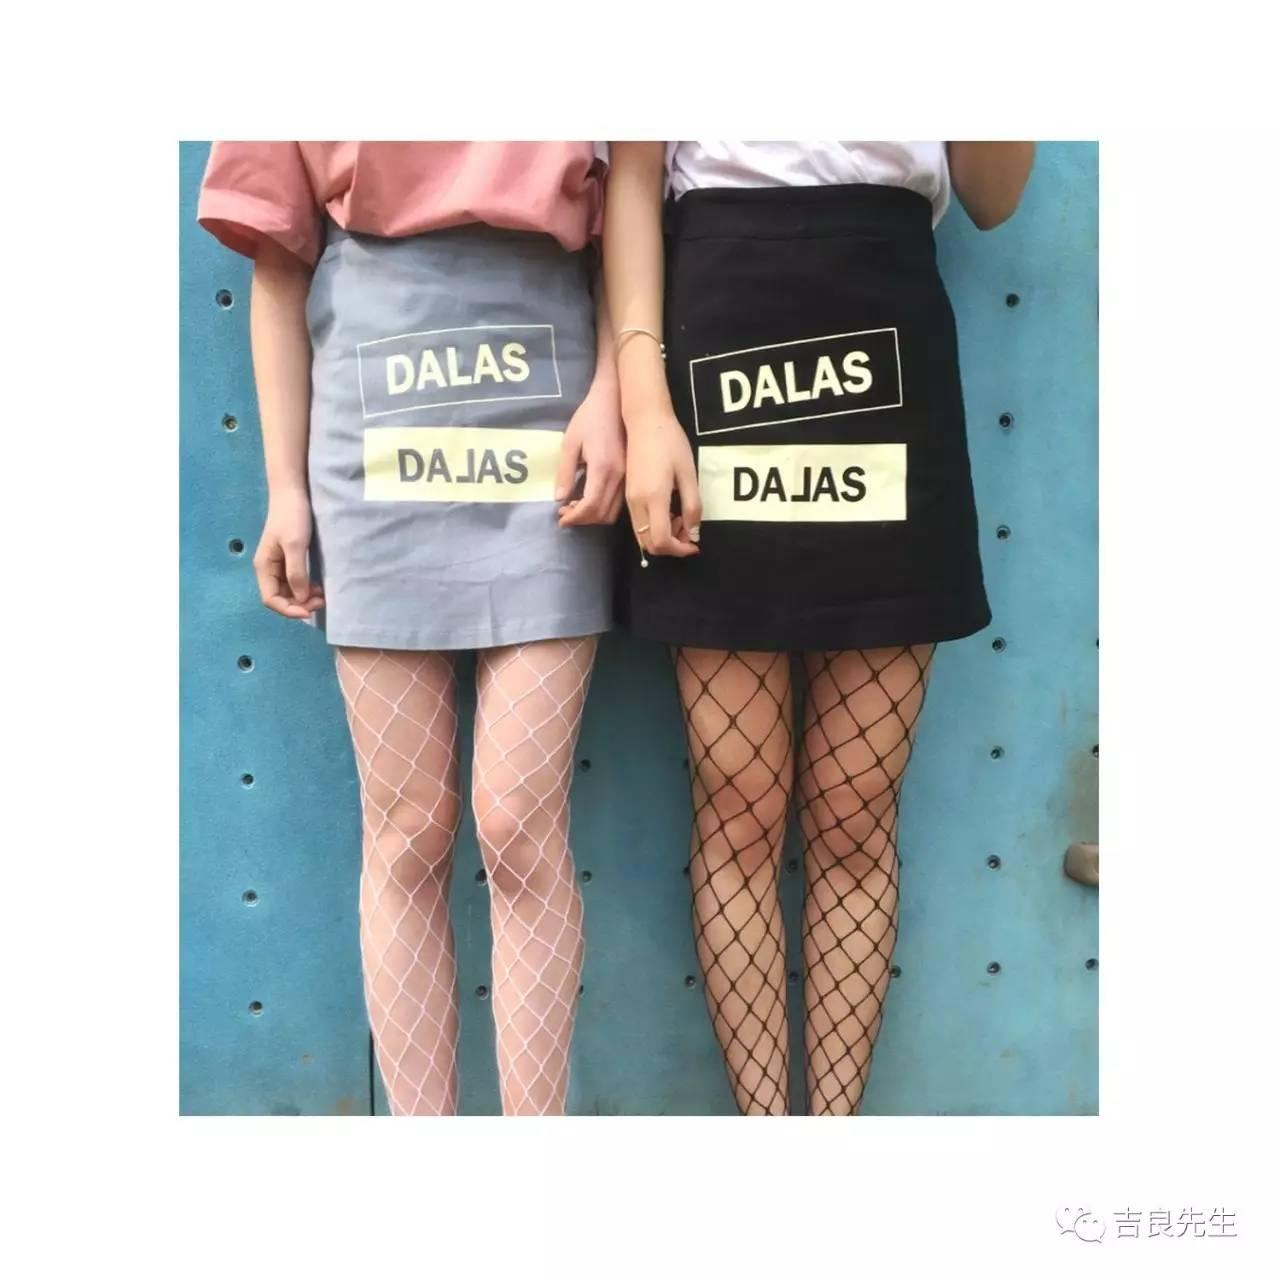 网袜这货到底是怎么红起来的?备受争议icon级时尚单品 风格偶像 图42